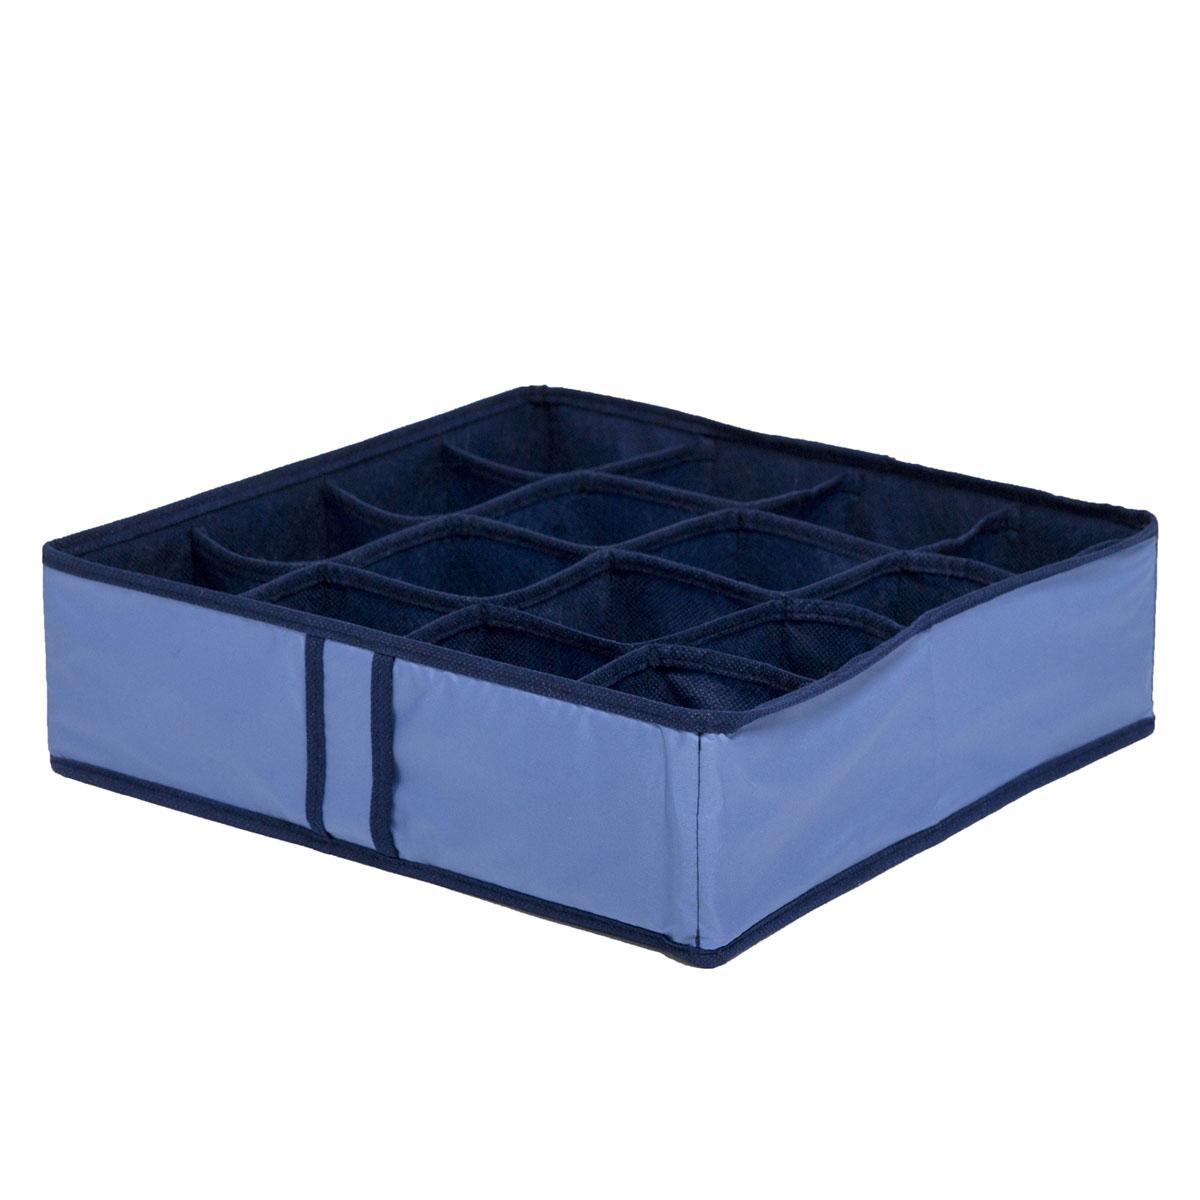 Органайзер для хранения вещей Homsu Bluе Sky, 16 секций, 35 x 35 x 10 смHOM-54Компактный органайзер Homsu Bluе Sky изготовлен из высококачественного полиэстера, который обеспечивает естественную вентиляцию. Материал позволяет воздуху свободно проникать внутрь, но не пропускает пыль. Органайзер отлично держит форму, благодаря вставкам из плотного картона. Изделие имеет 16 квадратных секций для хранения нижнего белья, колготок, носков и другой одежды.Такой органайзер позволит вам хранить вещи компактно и удобно.